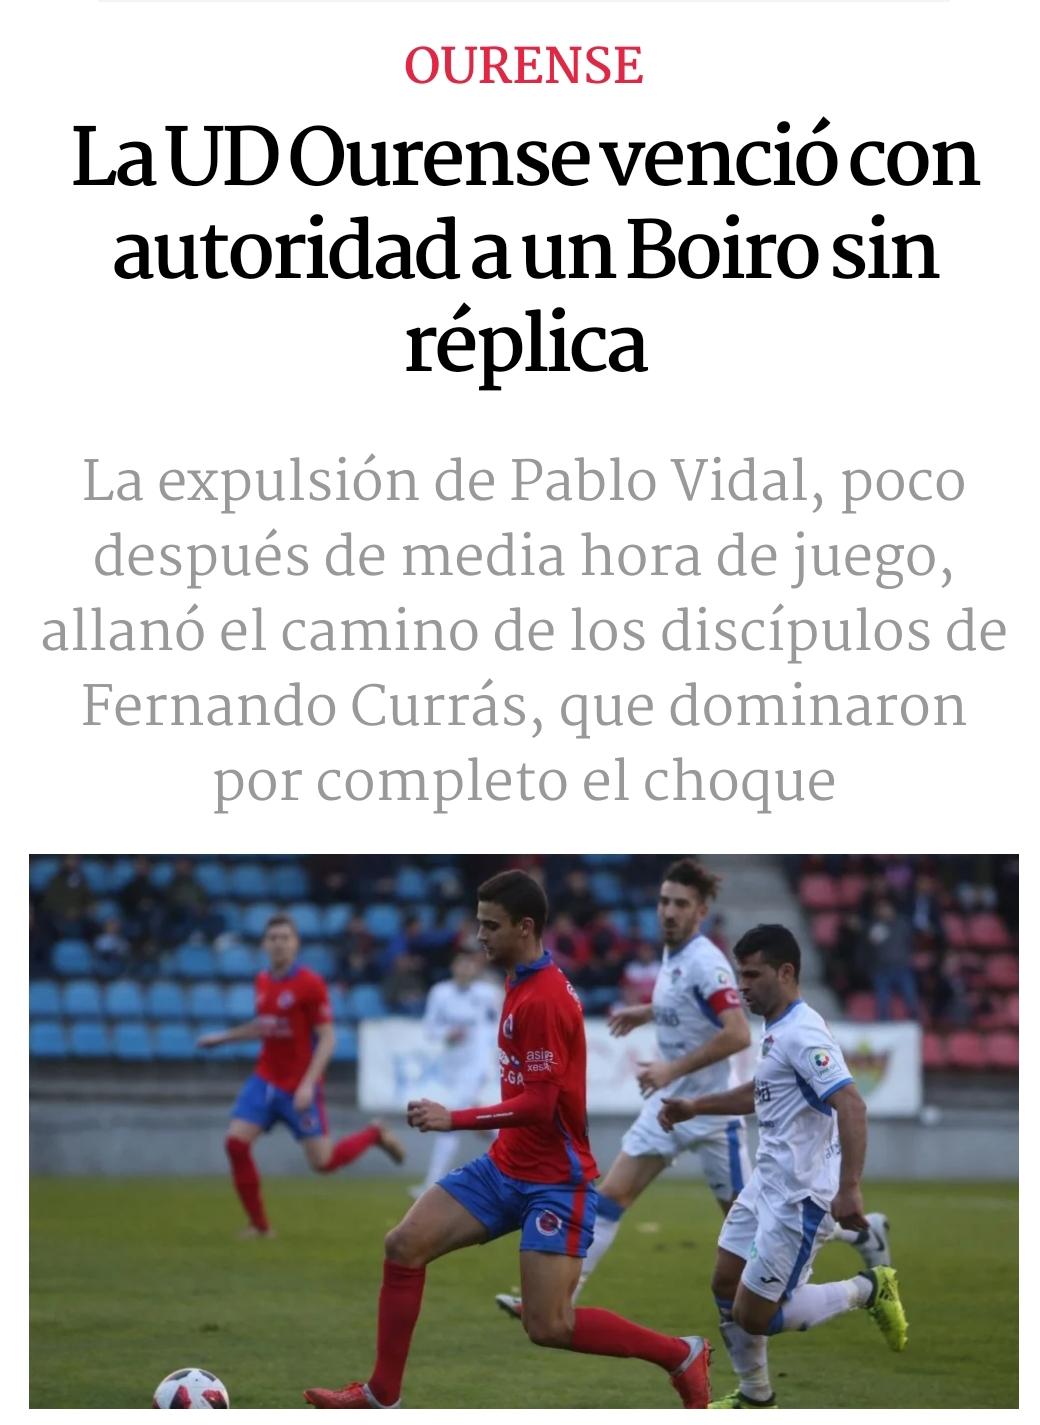 La UD Ourense venció con autoridad a un Boiro sin replica.